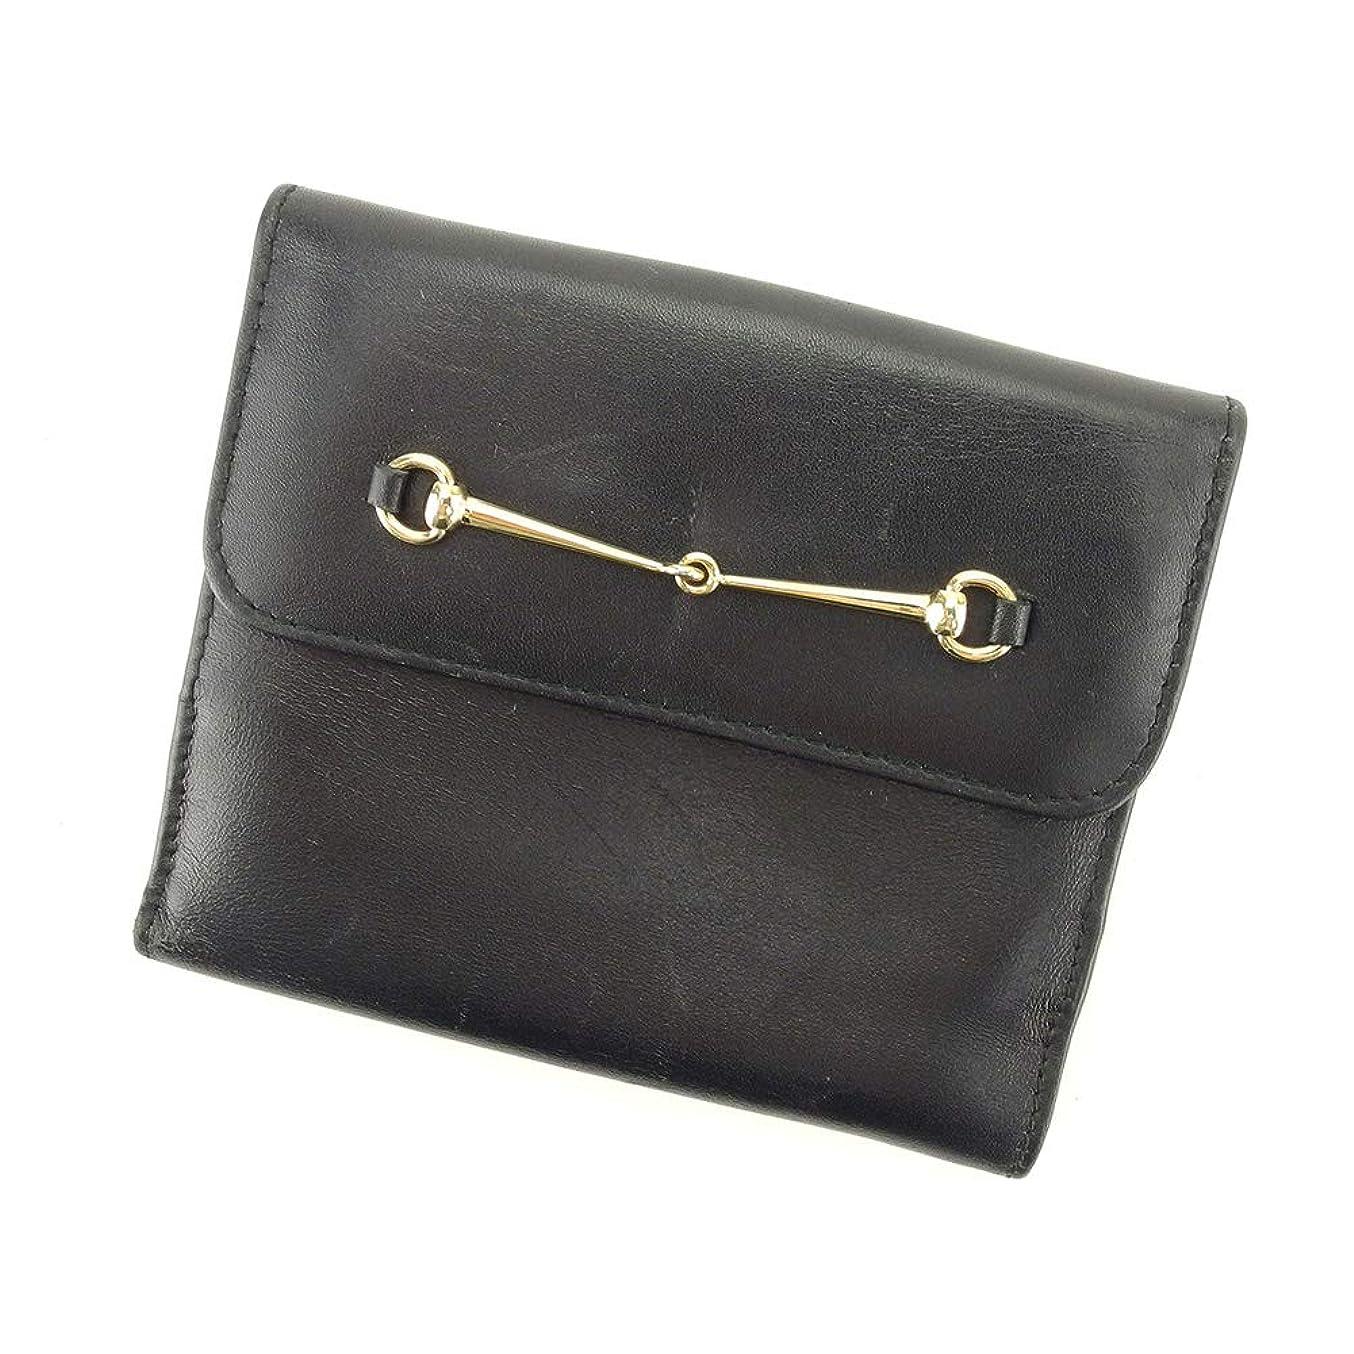 はねかける勤勉なパス[グッチ] GUCCI Wホック 財布 二つ折り 財布 レディース メンズ ホースビット 中古 L2726